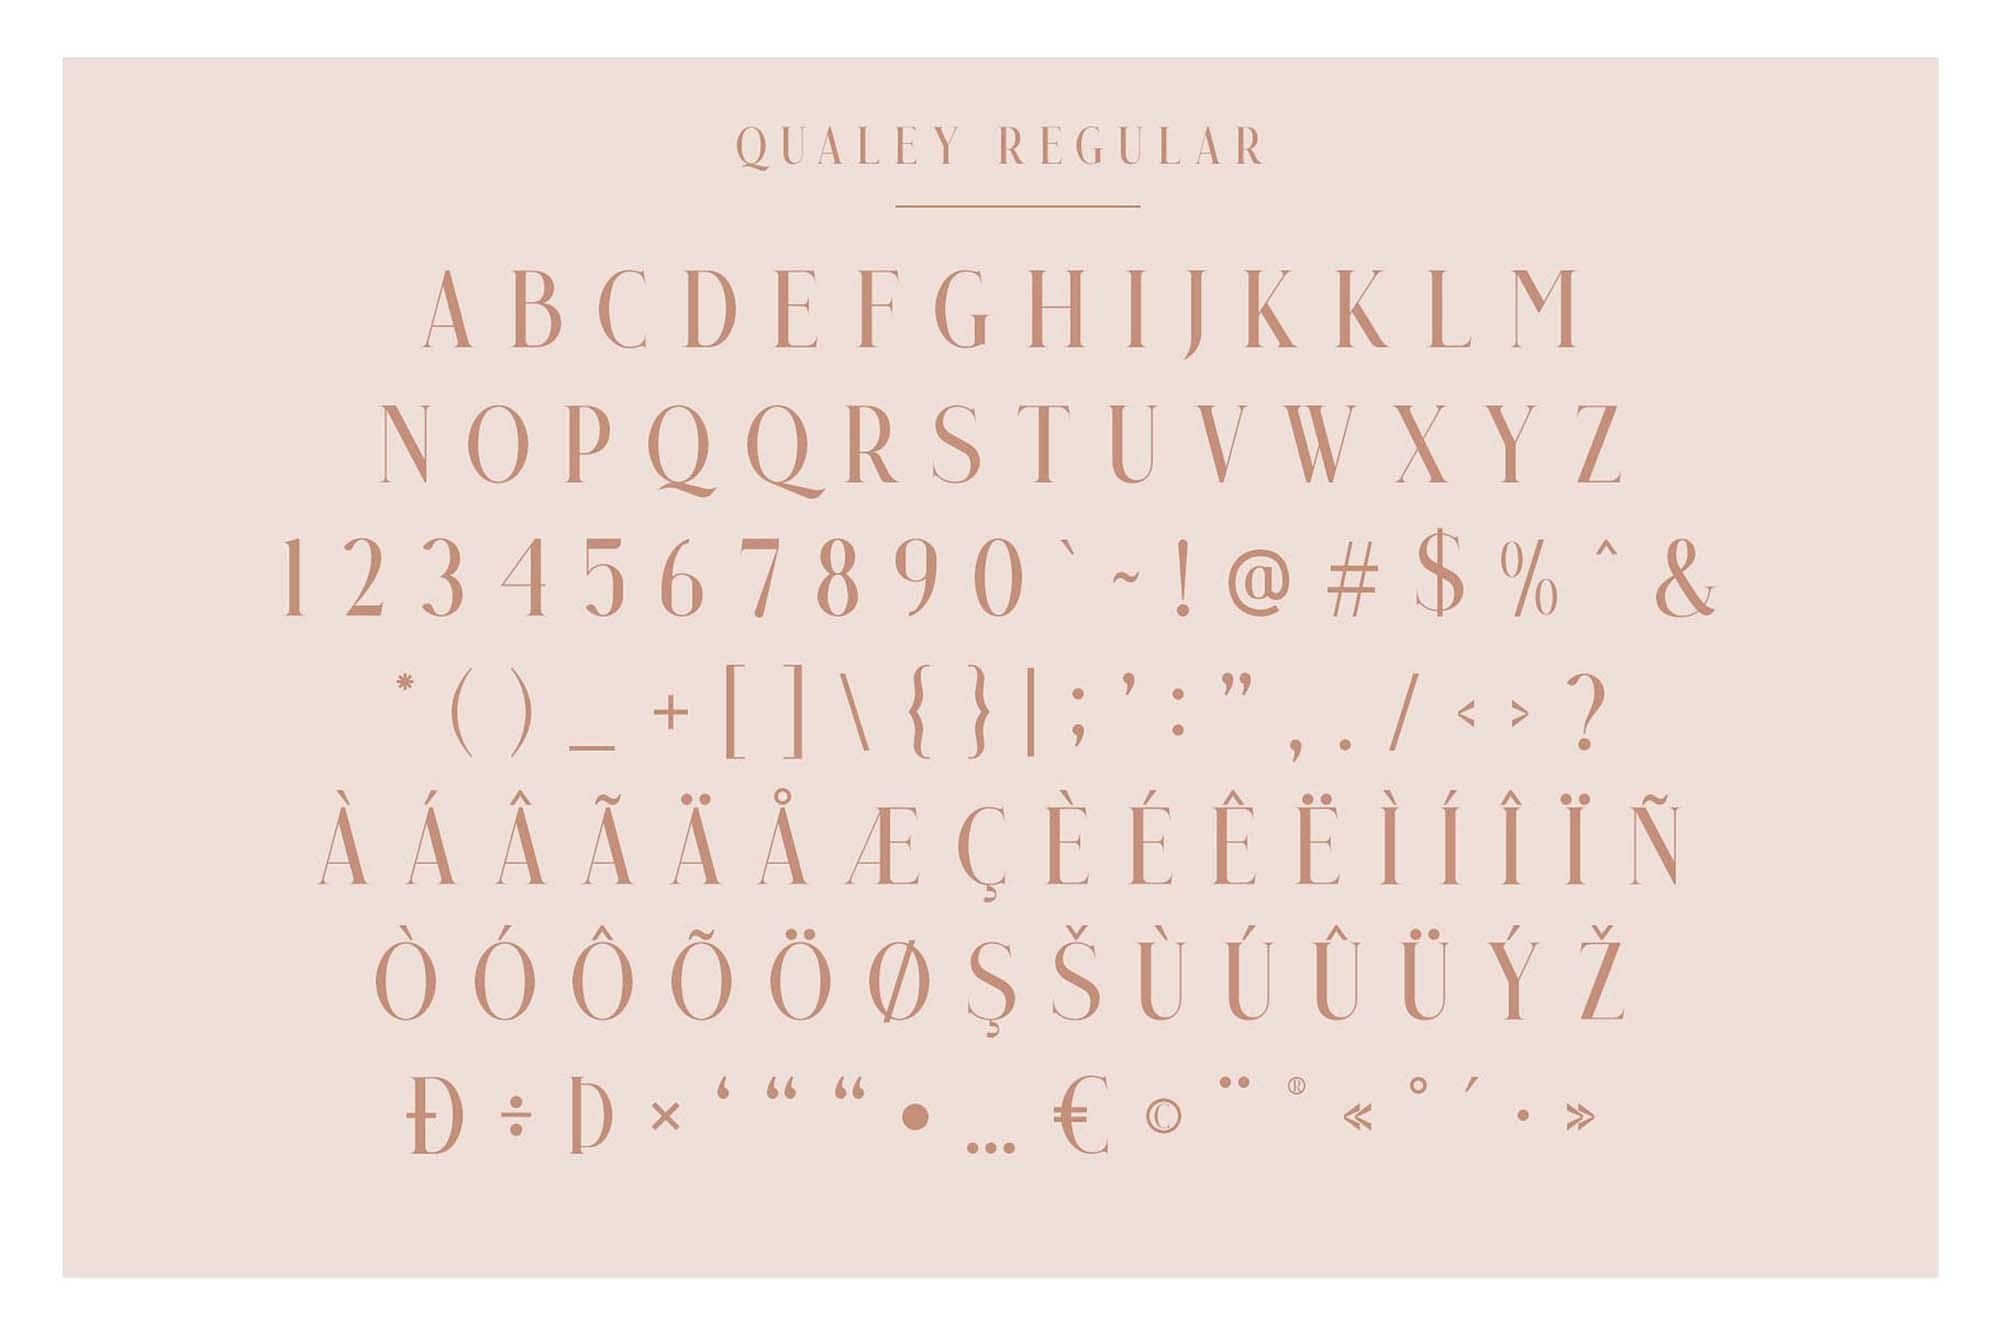 Qualey Serif Font Characters